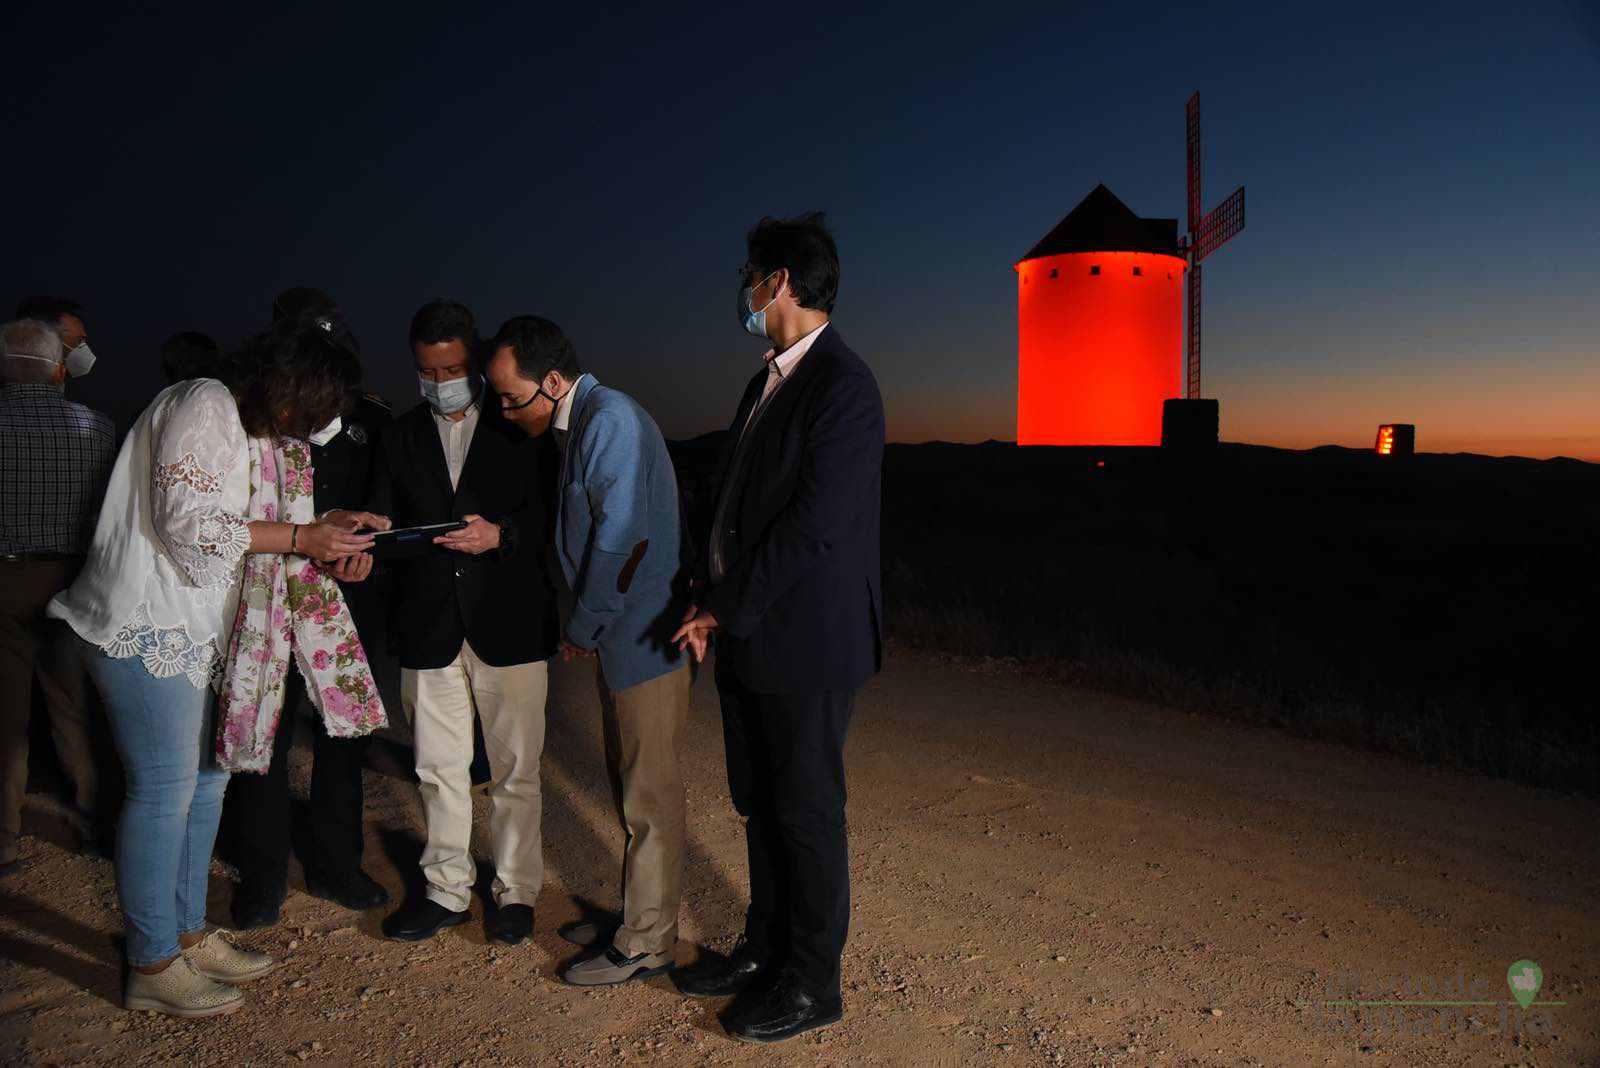 inauguracion iluminacion molinos herencia 4 - Herencia vuelve a inaugurar con una nueva iluminación artística sus molinos de viento